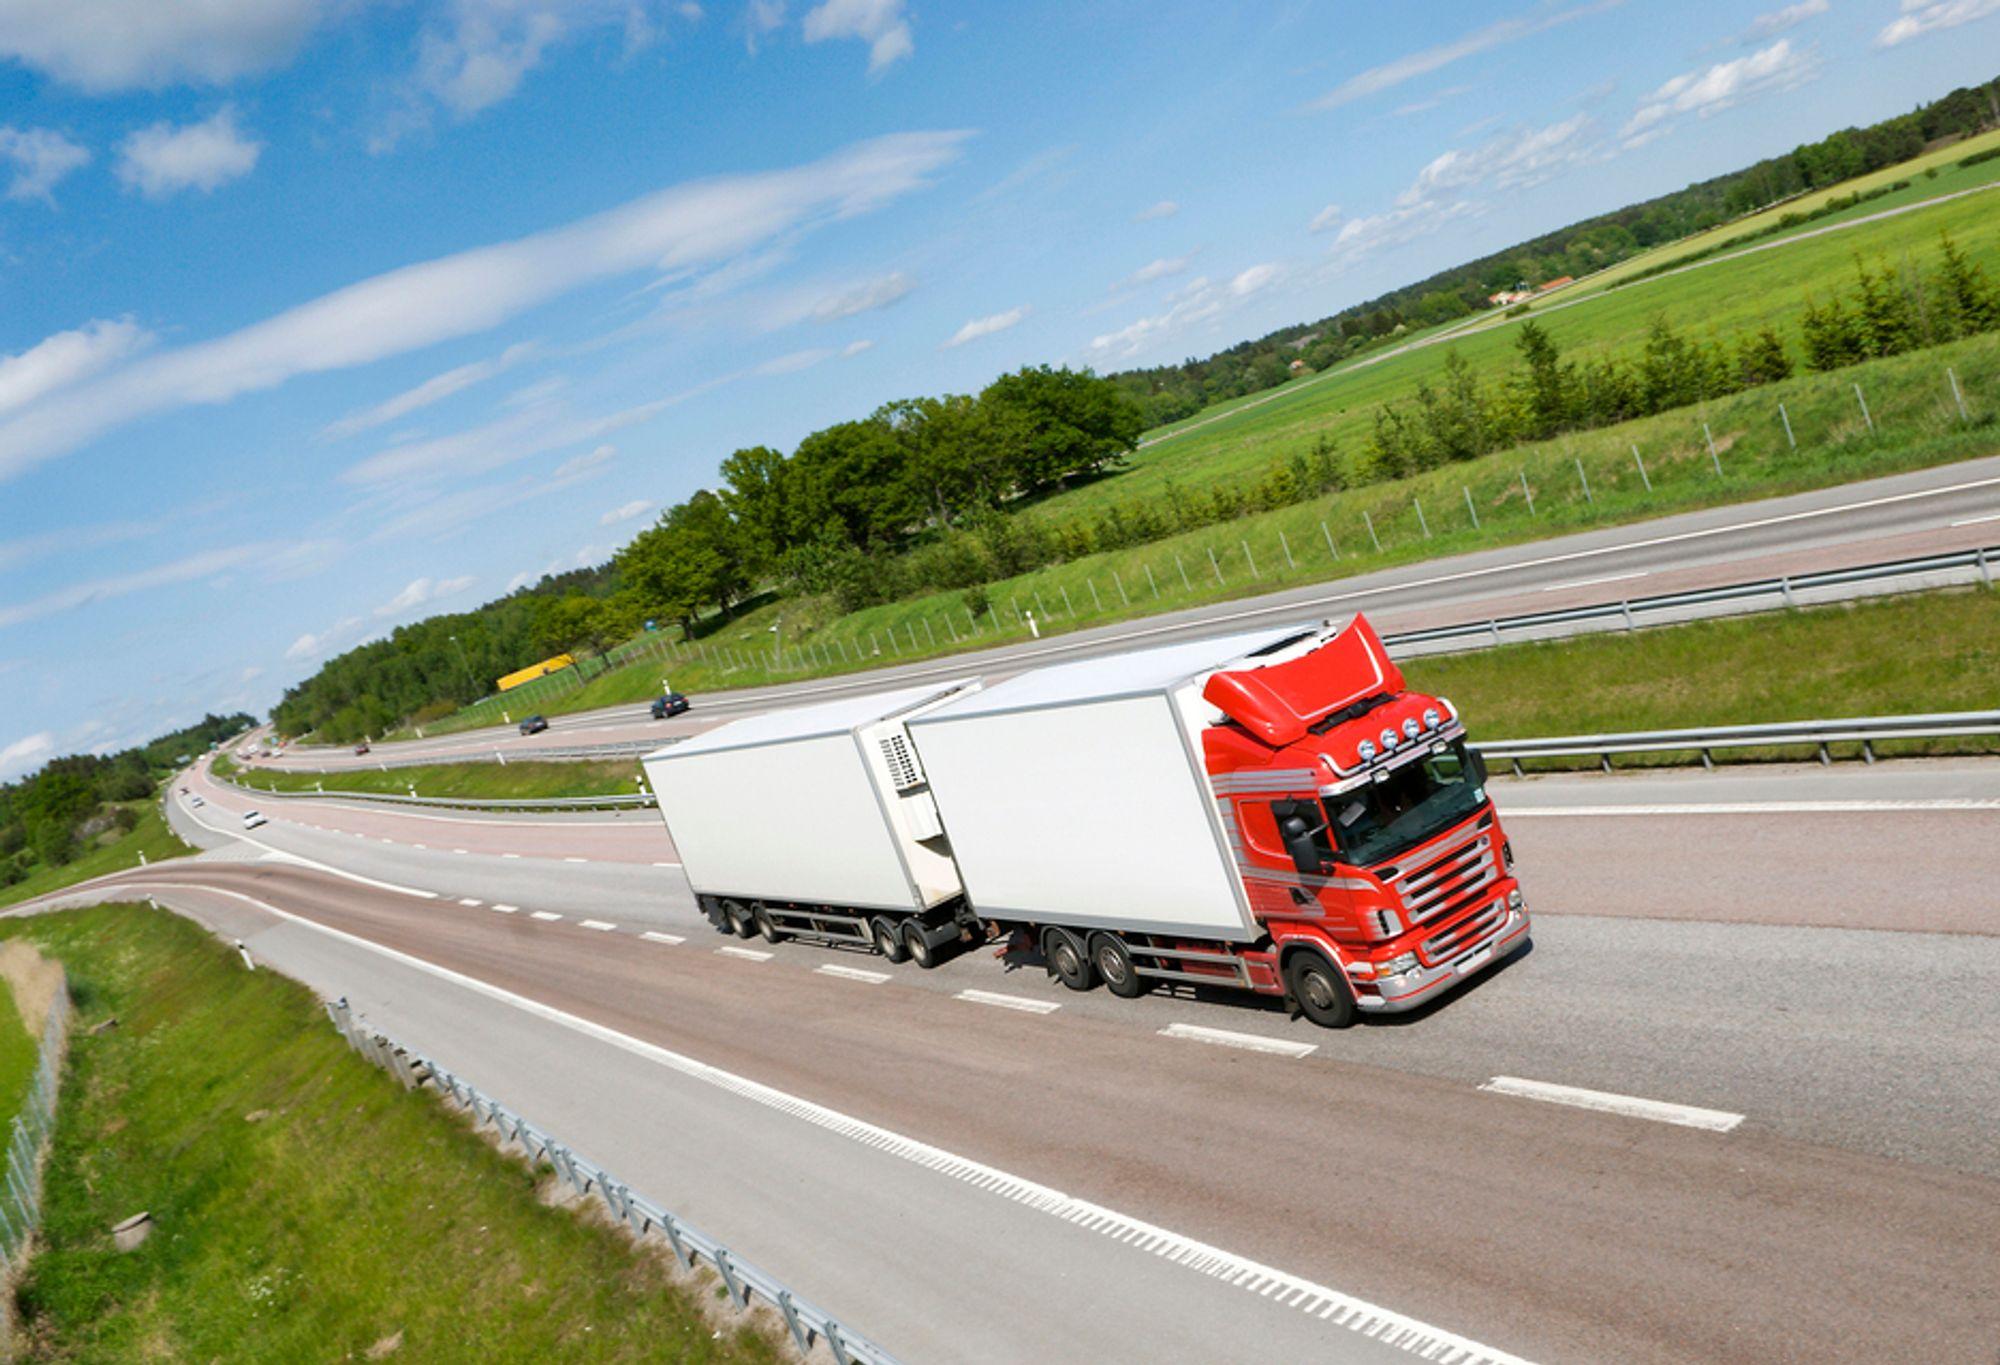 BYGGER VEI: På seks år bygger Polen 2500 kilometer ekspress- og motorveier frem til 2013. (Illustrasjonsfoto)